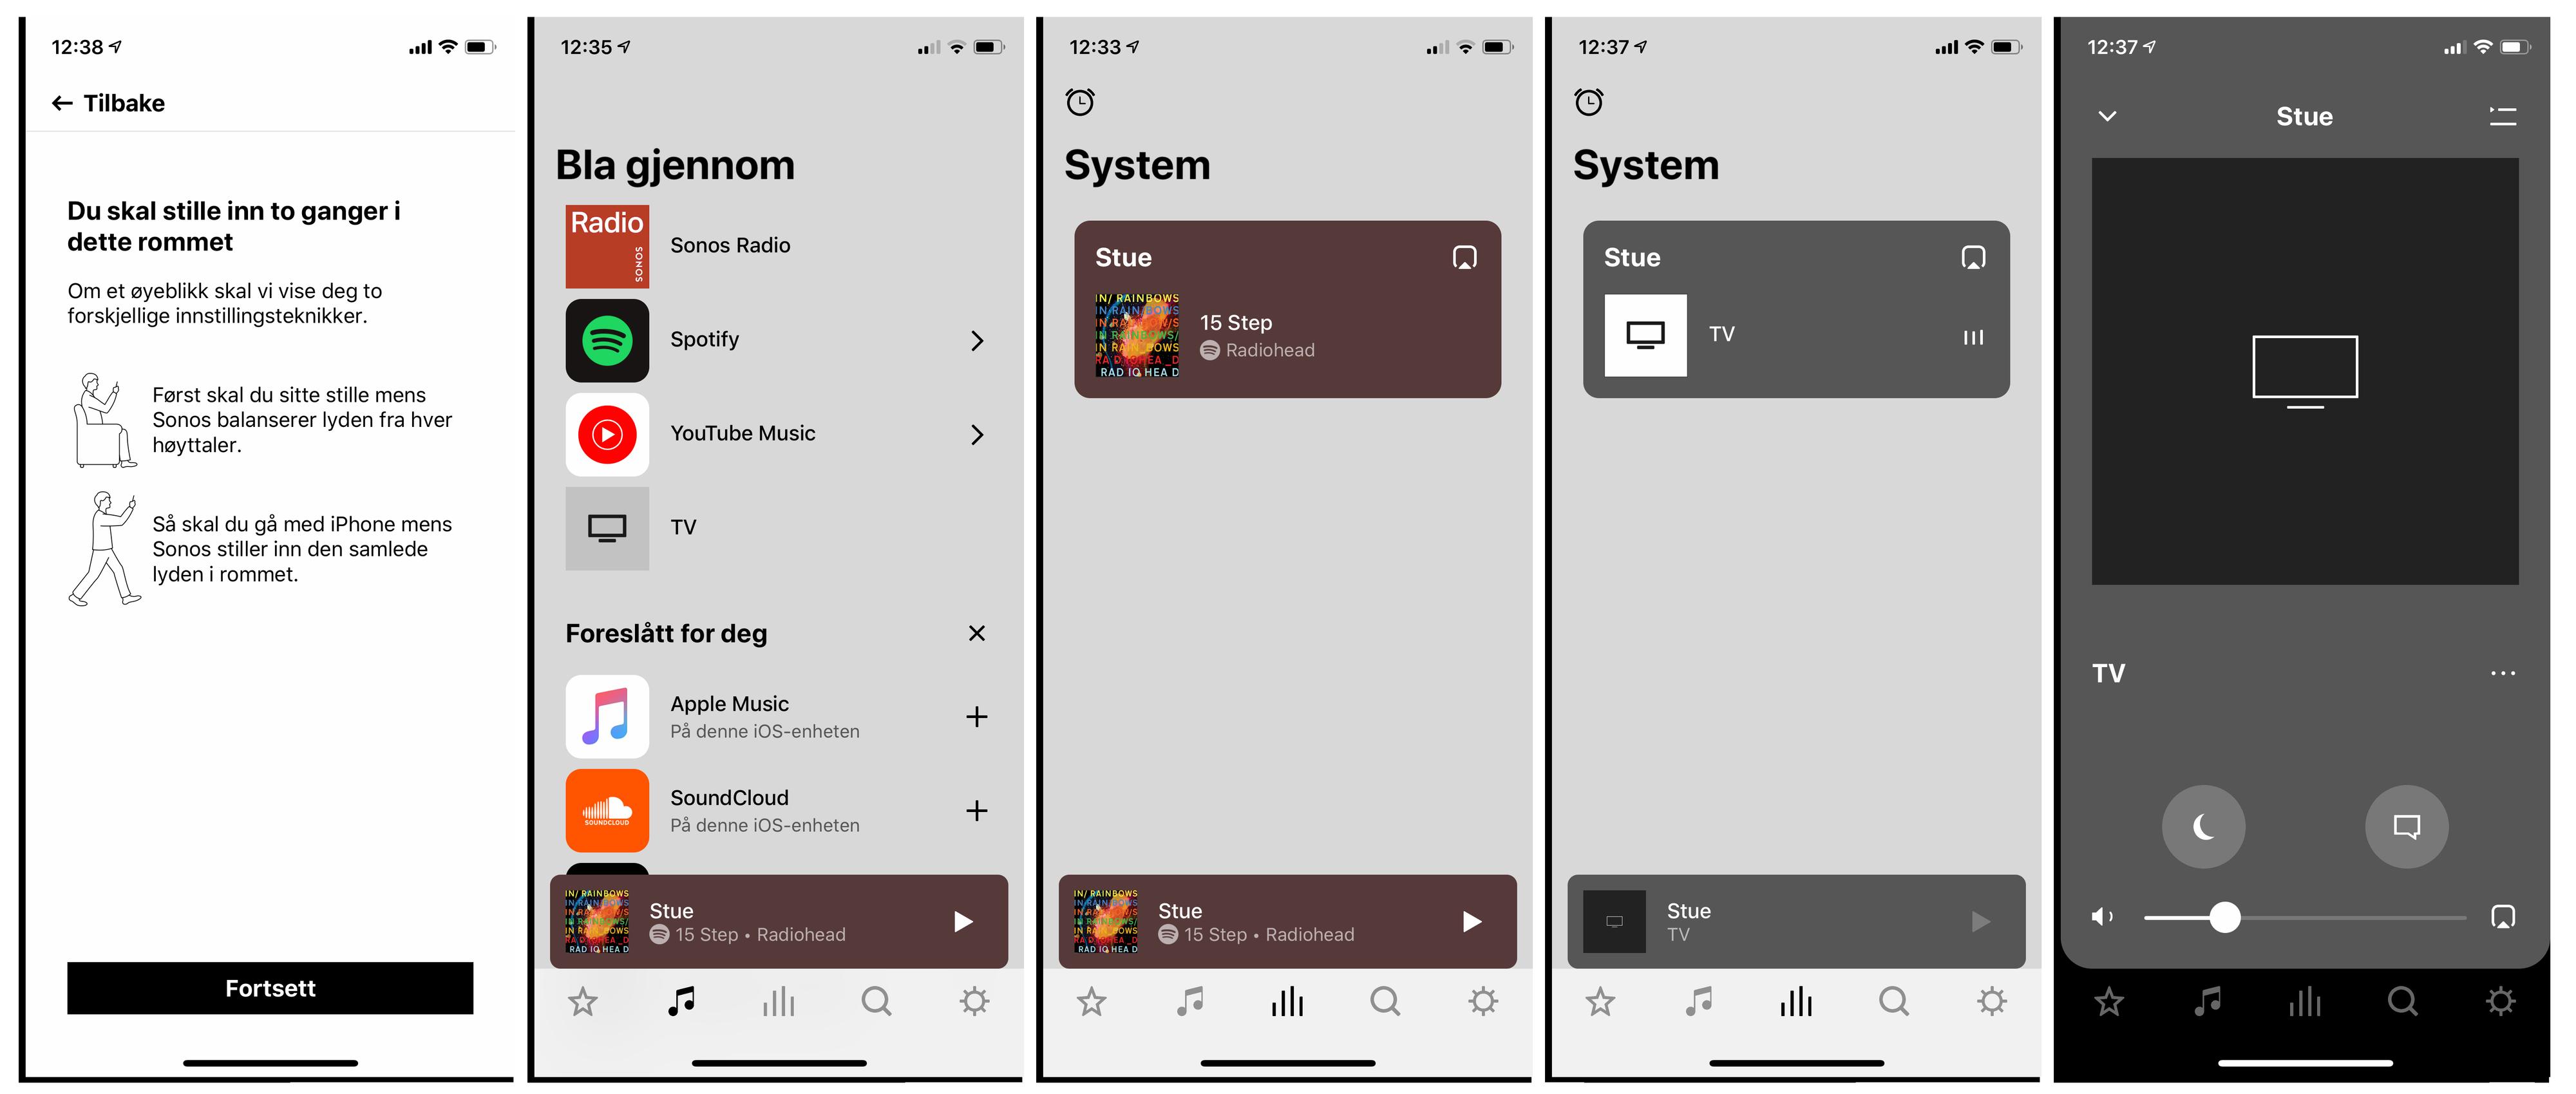 Sonos Arc vil kun fungere med Sonos' nye app, S2, som har fått et skikkelig ansiktsløft fra den forrige appen. Dette gjør at den ikke vil fungere med de aller eldste Sonos-produktene lenger.